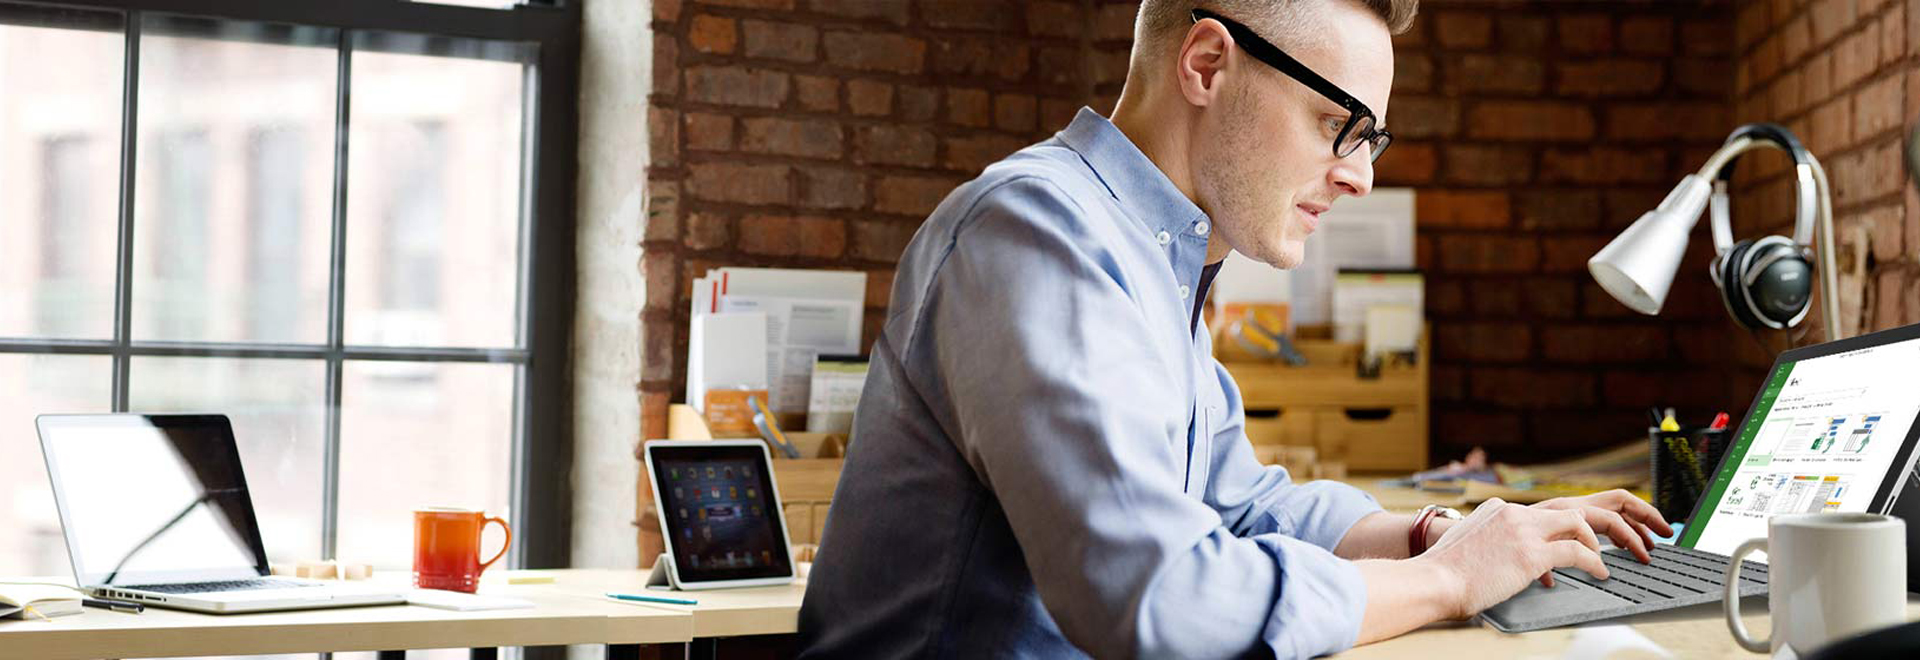 Microsoft Project का उपयोग करते हुए Surface टैबलेट पर कार्य करते हुए किसी डेस्क पर बैठा हुआ कोई व्यक्ति.